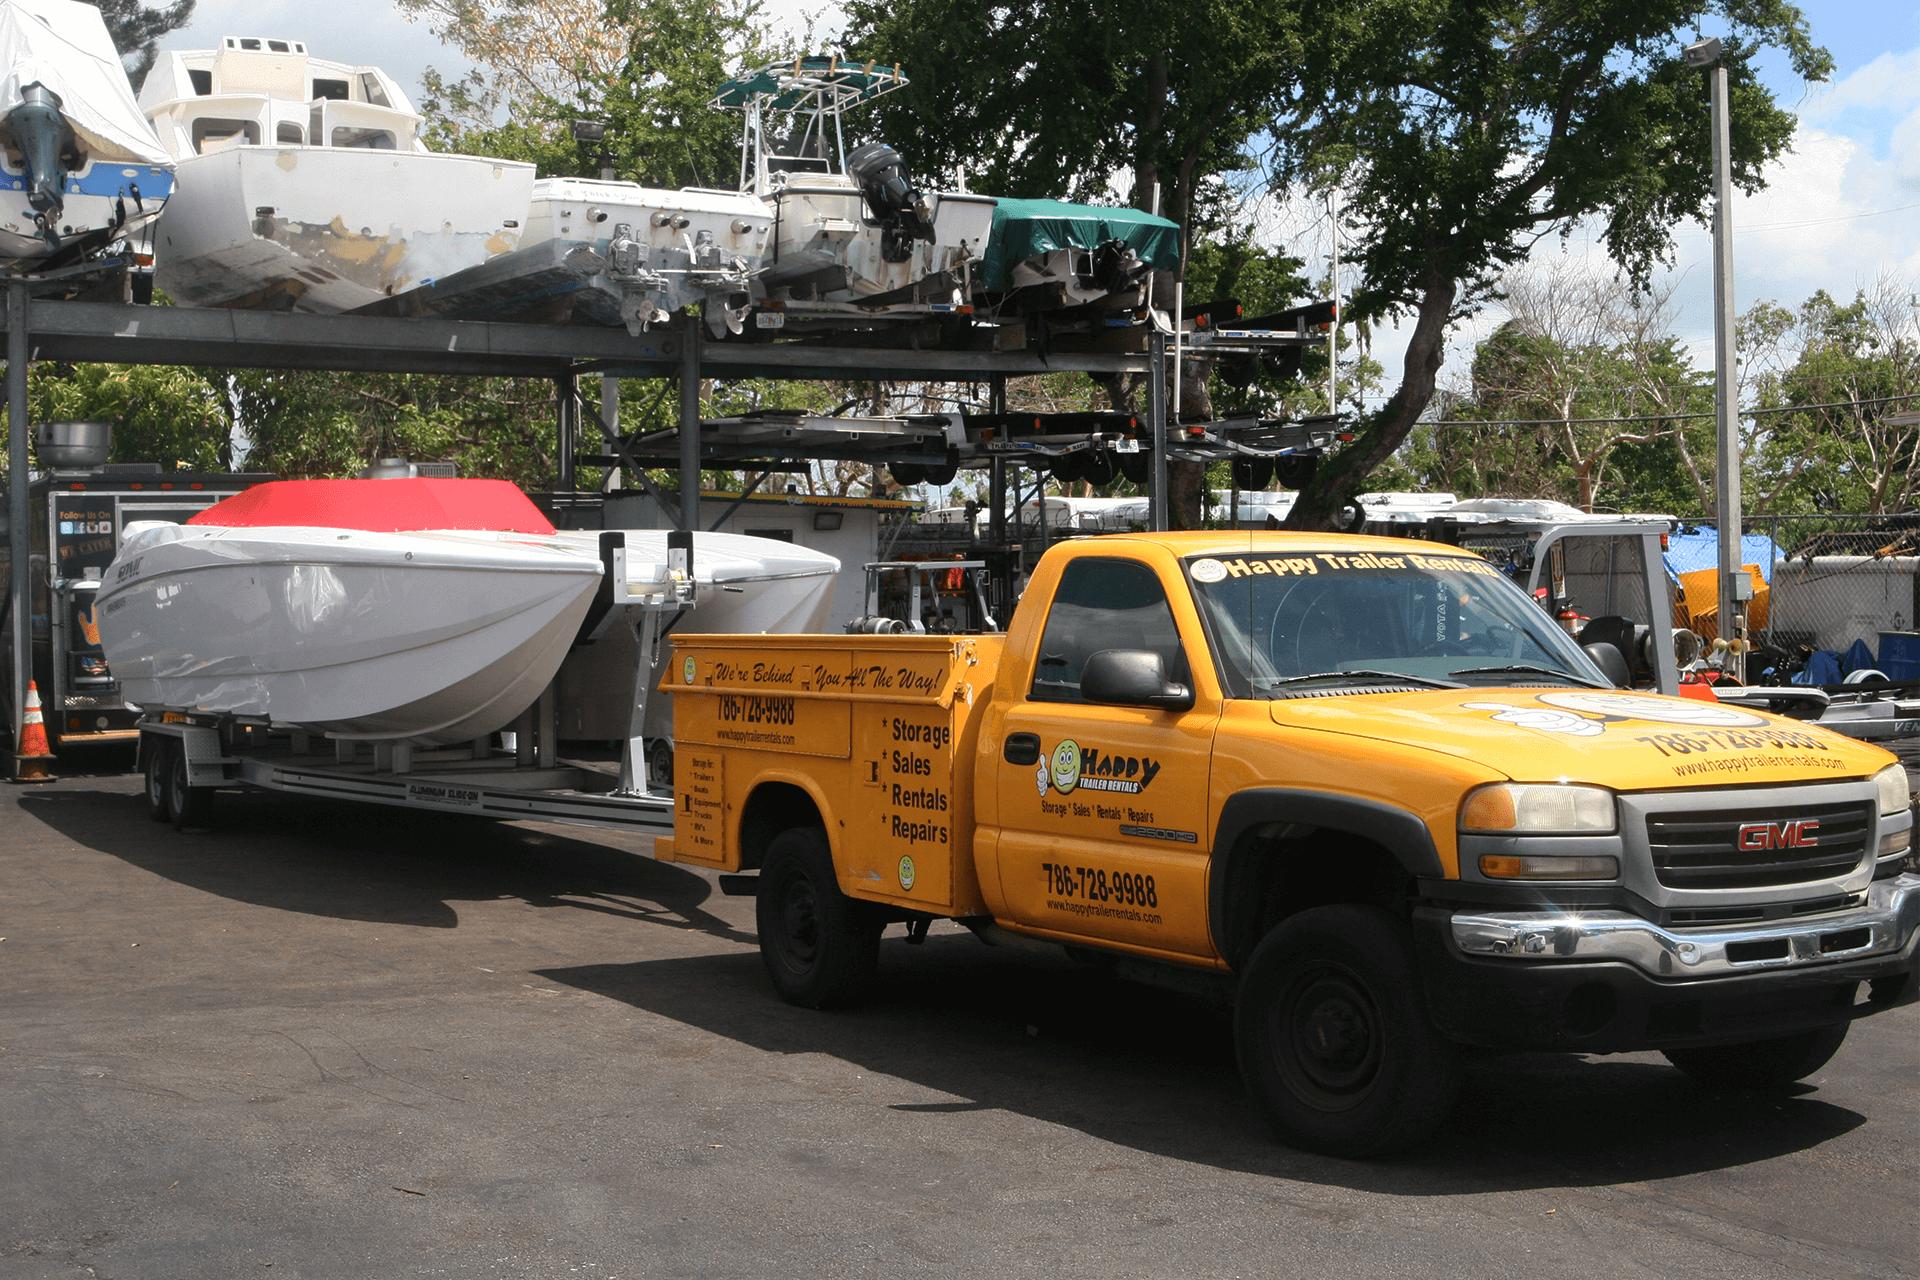 miami-boat-and-trailer-storage